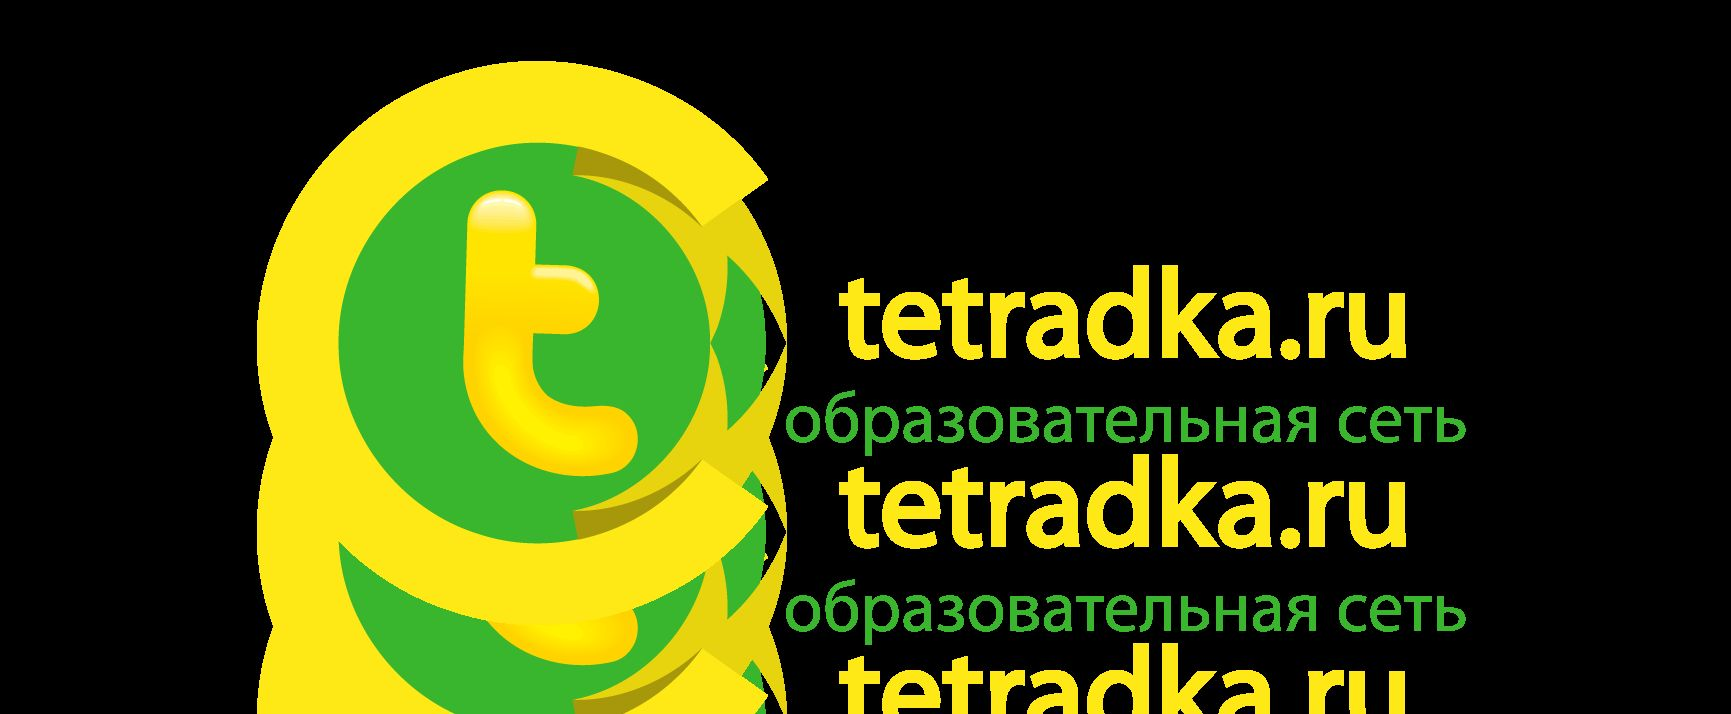 Логотип для образовательной сети tetradka.ru - дизайнер akira_cherry